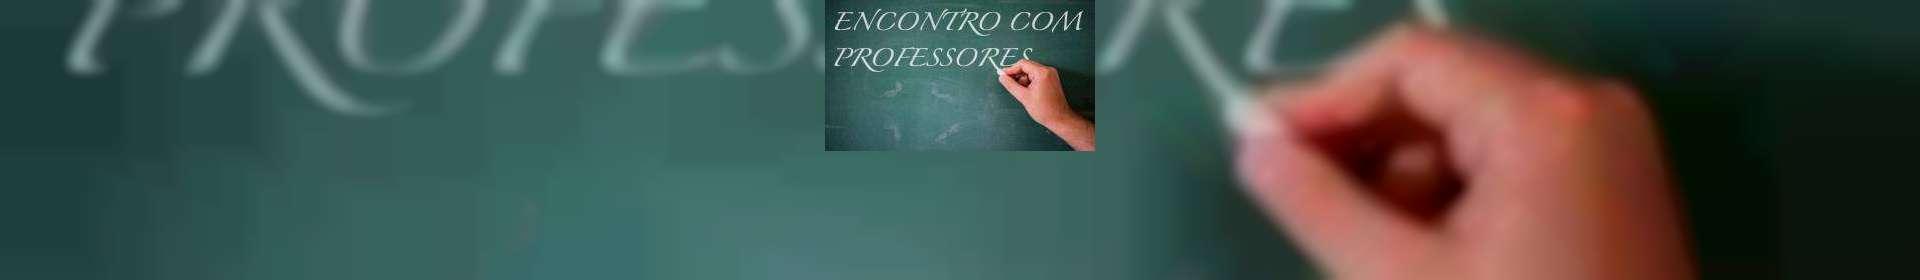 Guarda o teu Pé - Encontro com Professores